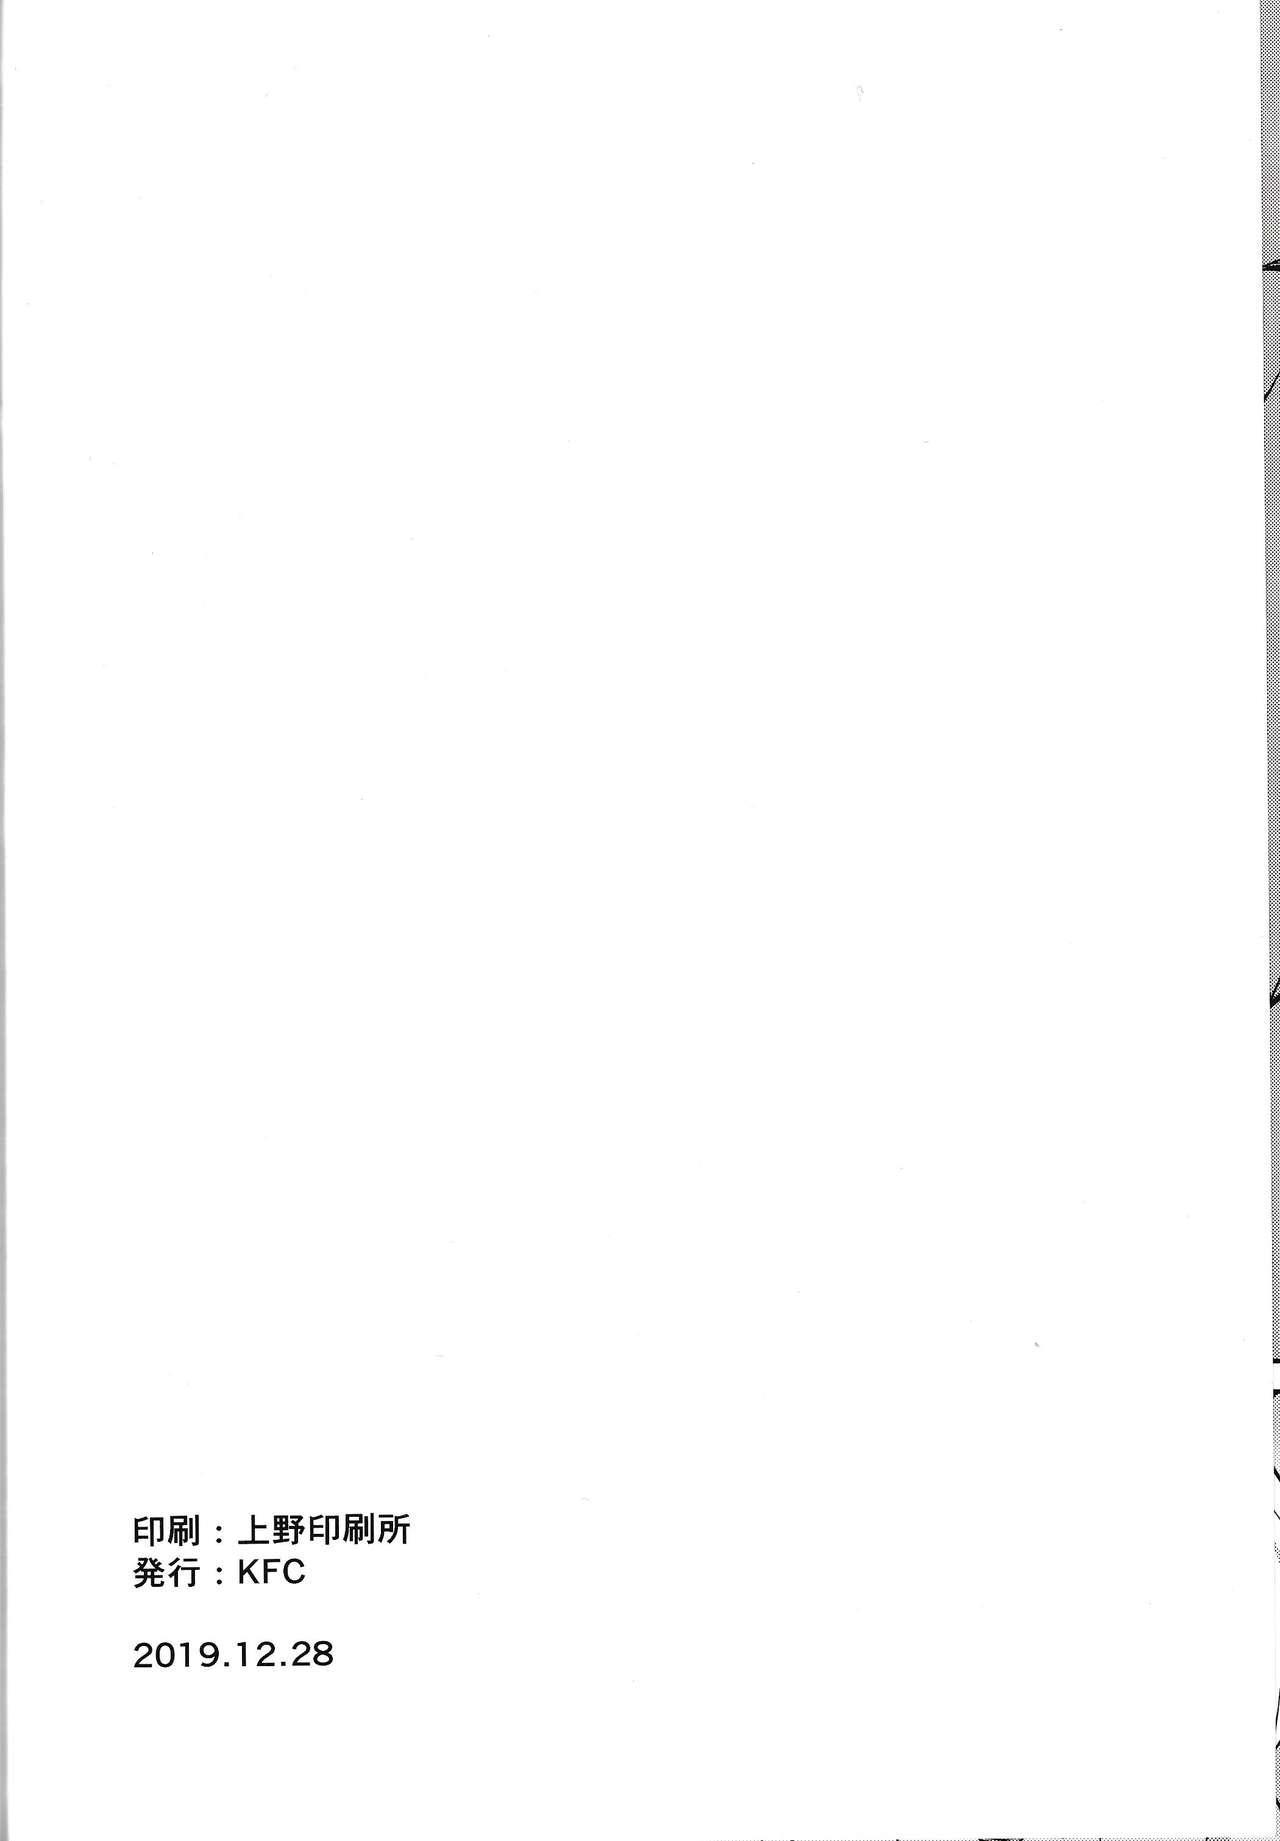 (C97) [KFC (Yu)] Saitou-ryuu Tokkun-jutsu (Pokémon Sword and Shield) 20